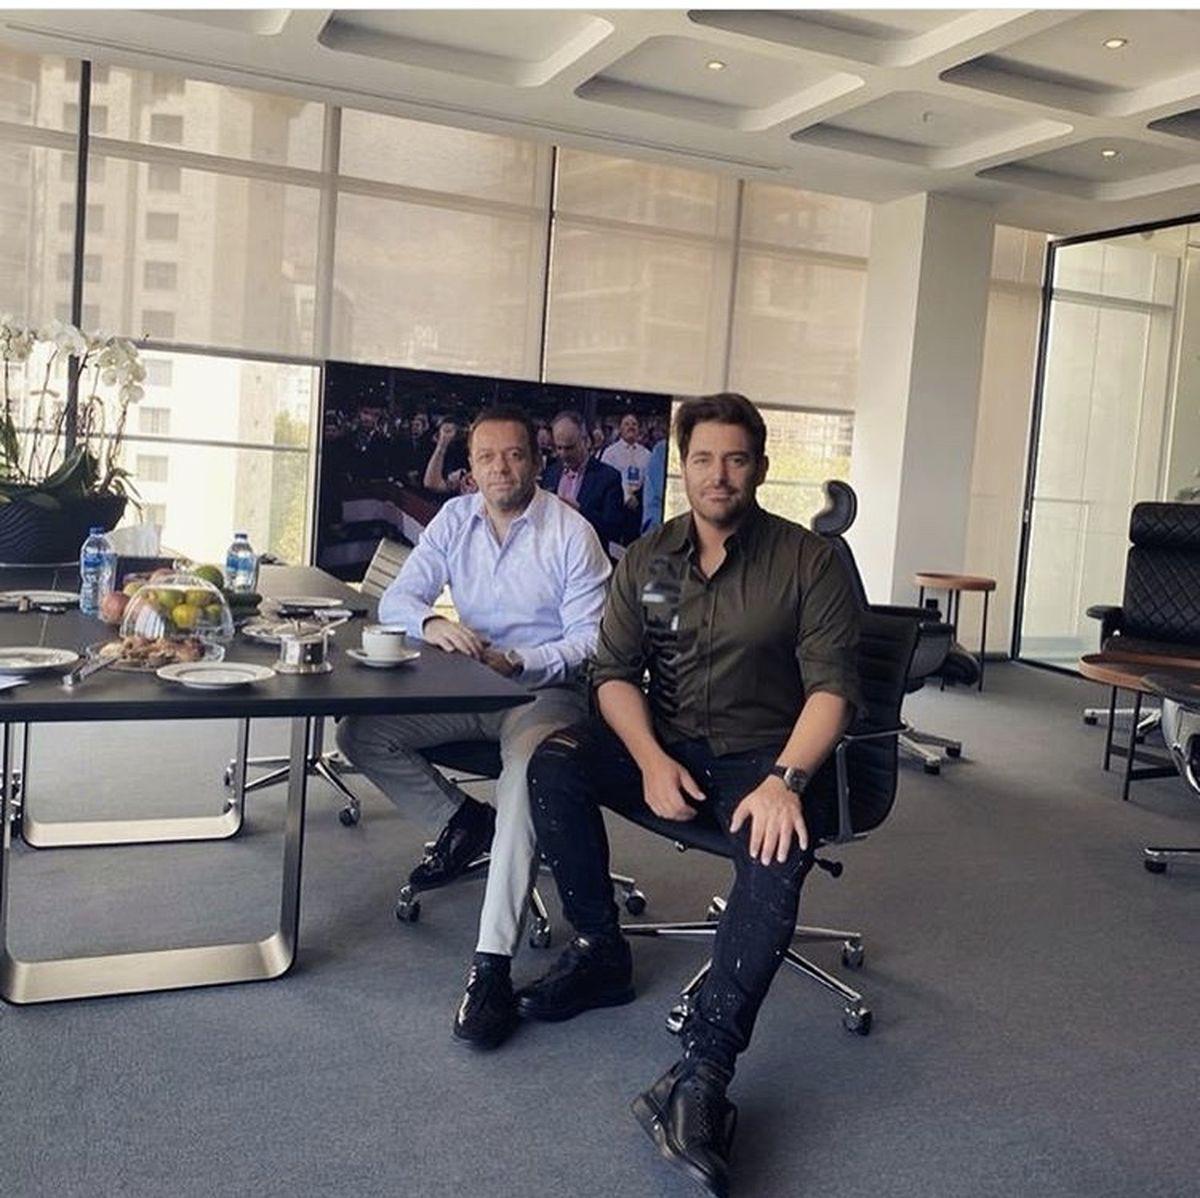 گلزار در محل کار دوستش + عکس